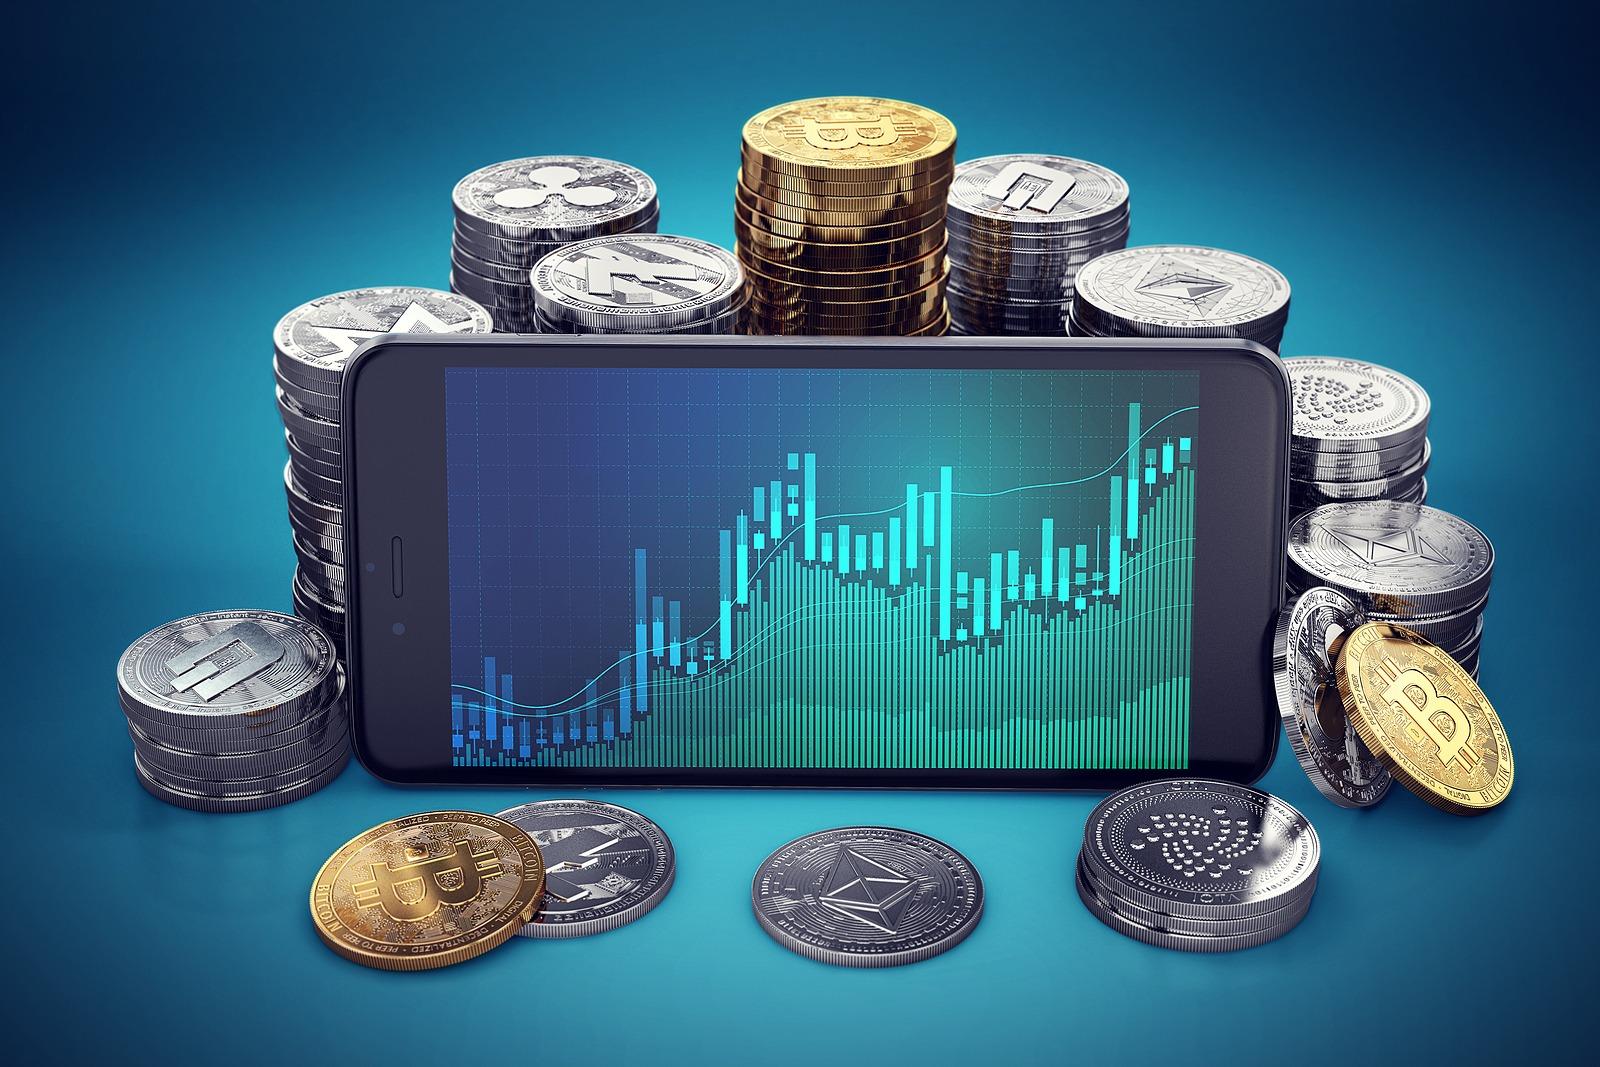 Bitcoin'de Fiyat Düşüşü Alım Fırsatı Yaratır mı